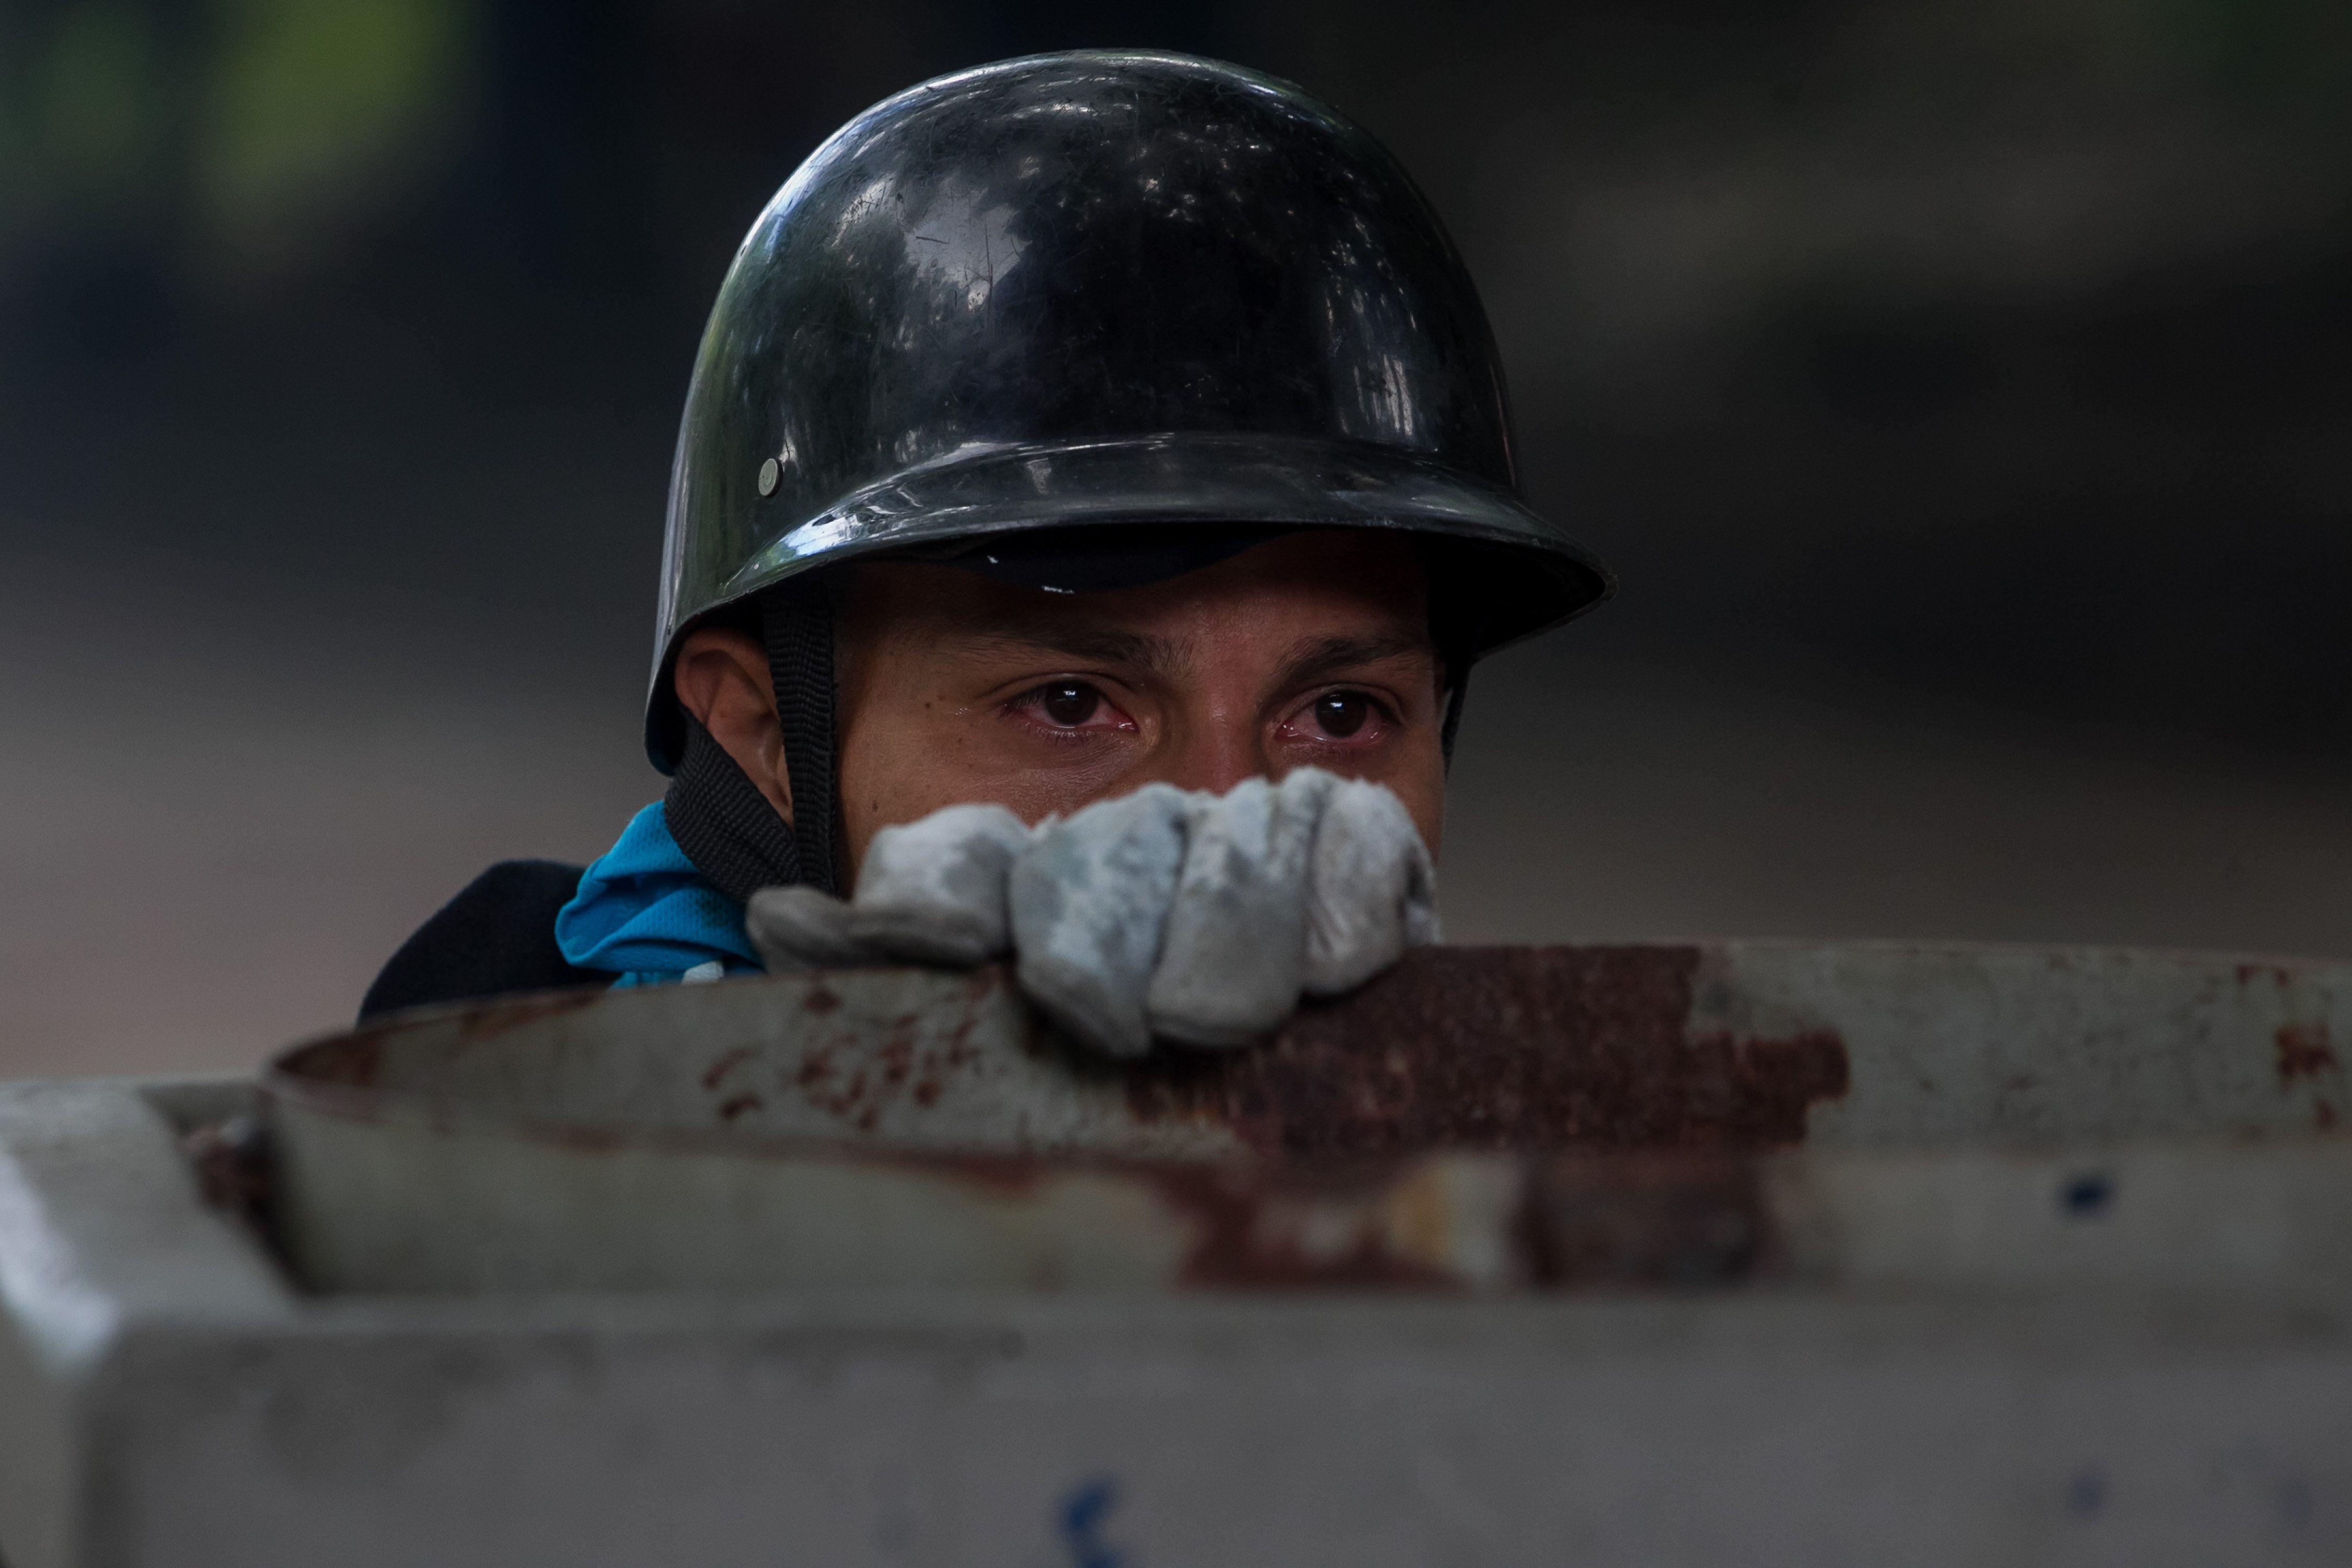 Joven afectado por gases lacrimógenos